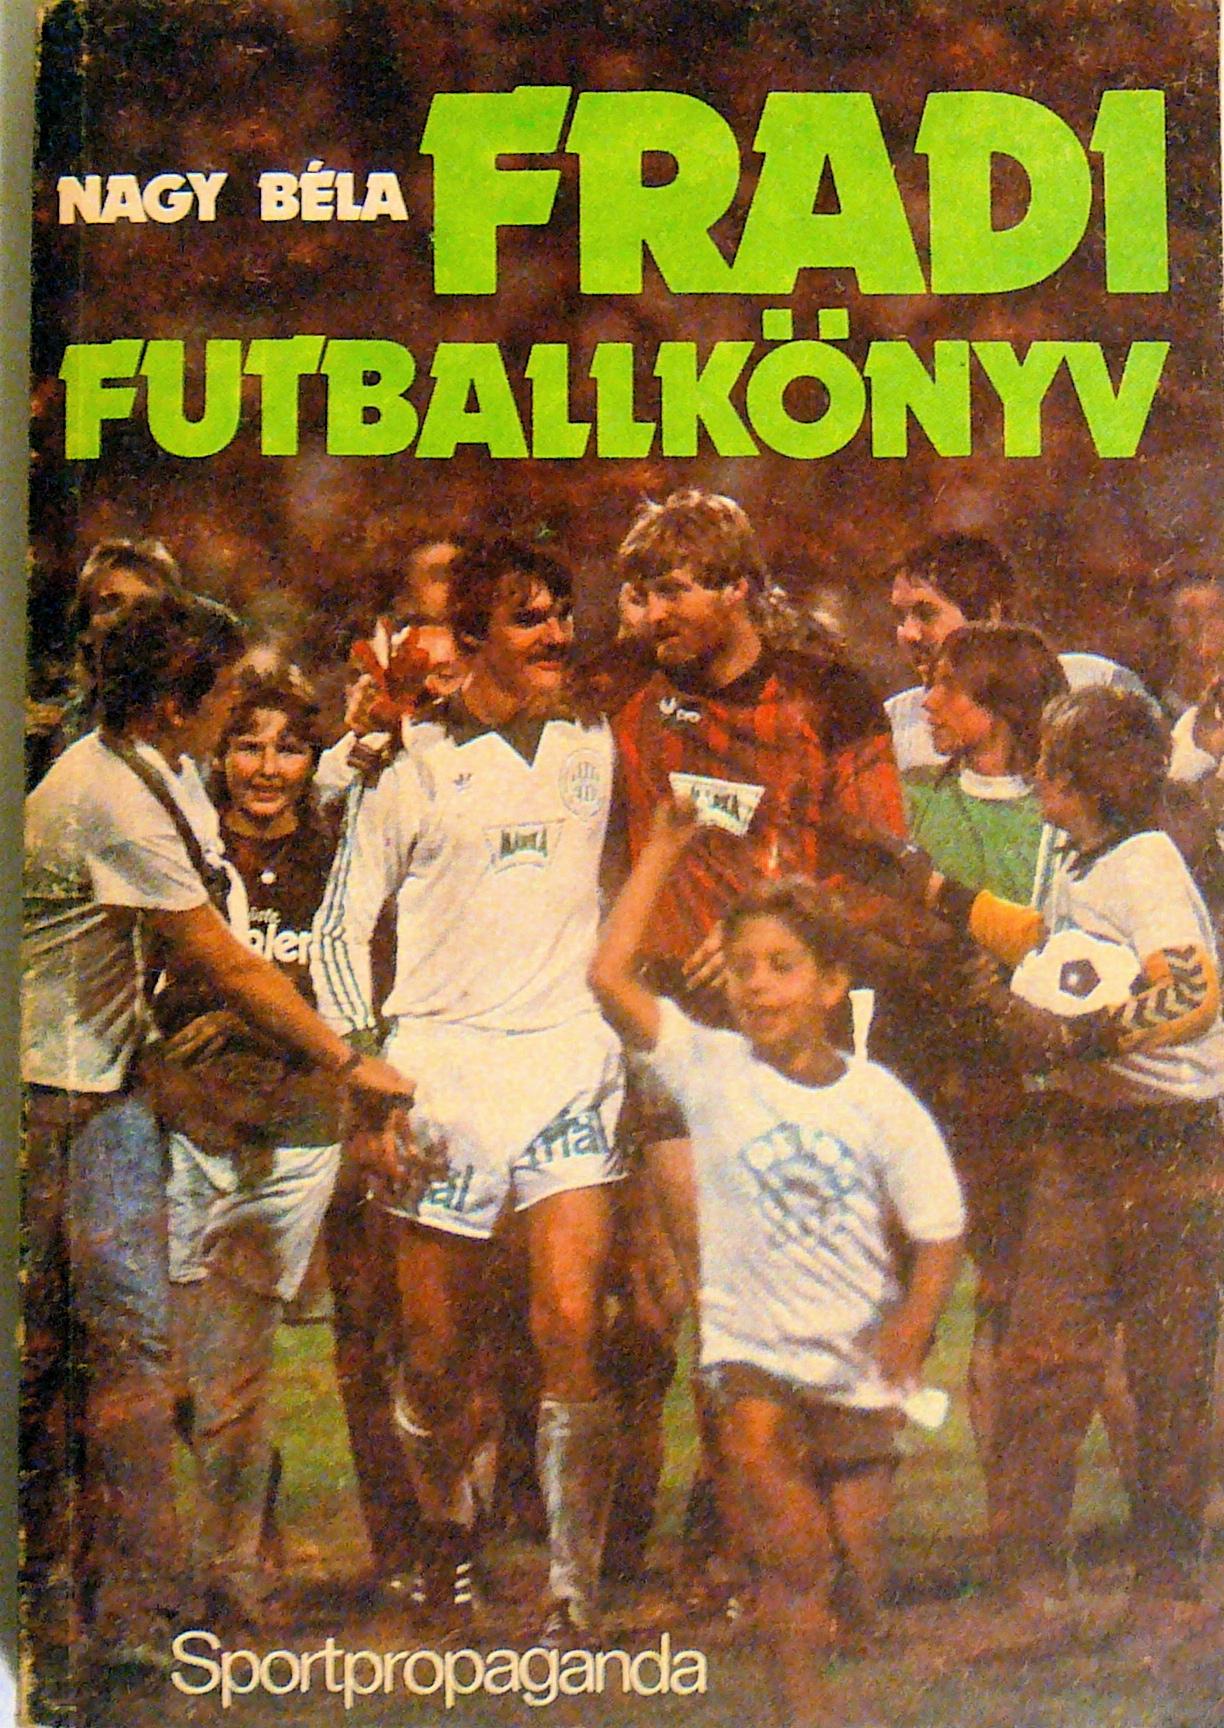 nagy-bela_fradi-futballkonyv_0926